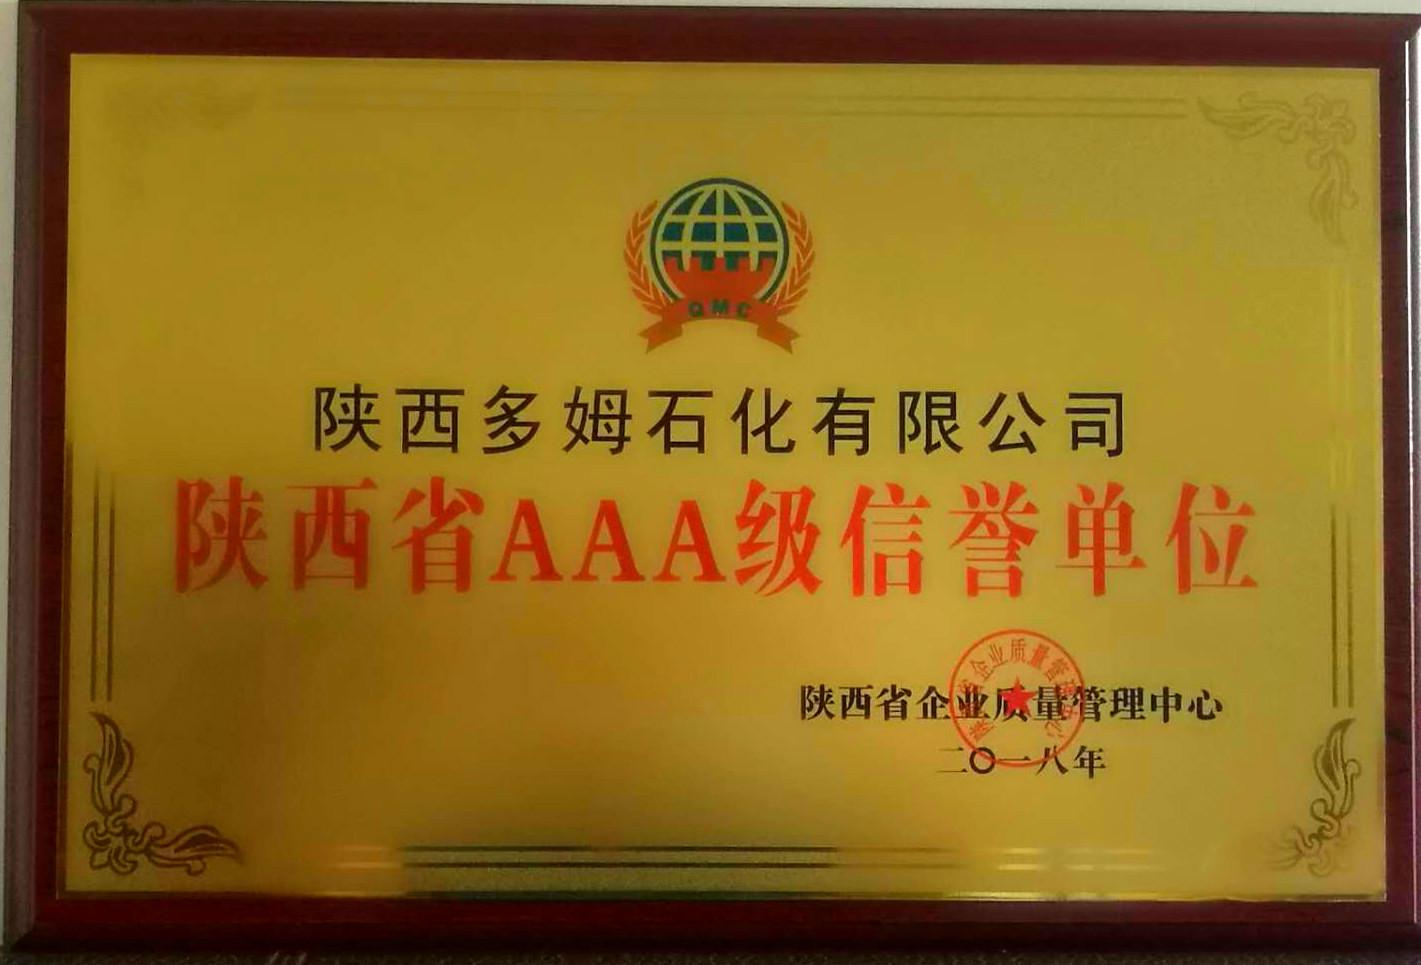 陕西多姆石化荣获省级3